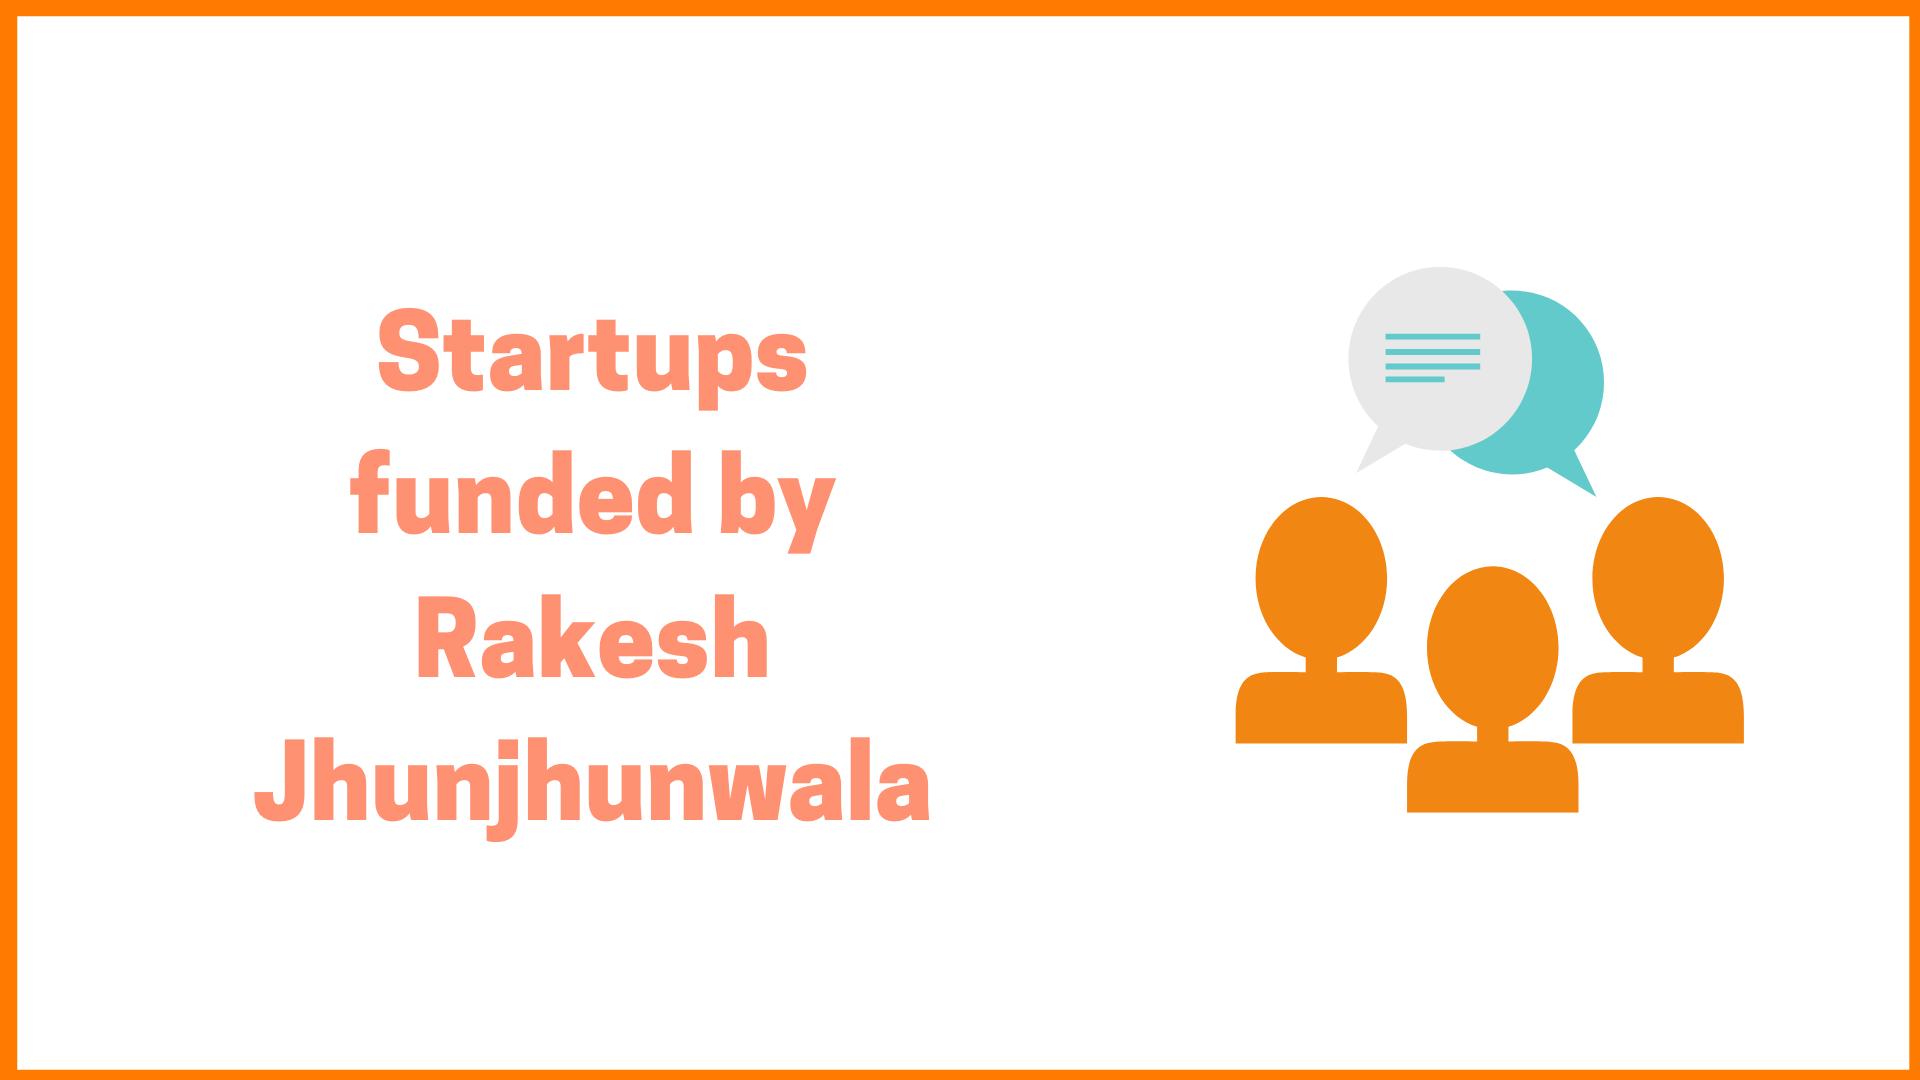 Startups funded by Rakesh Jhunjhunwala